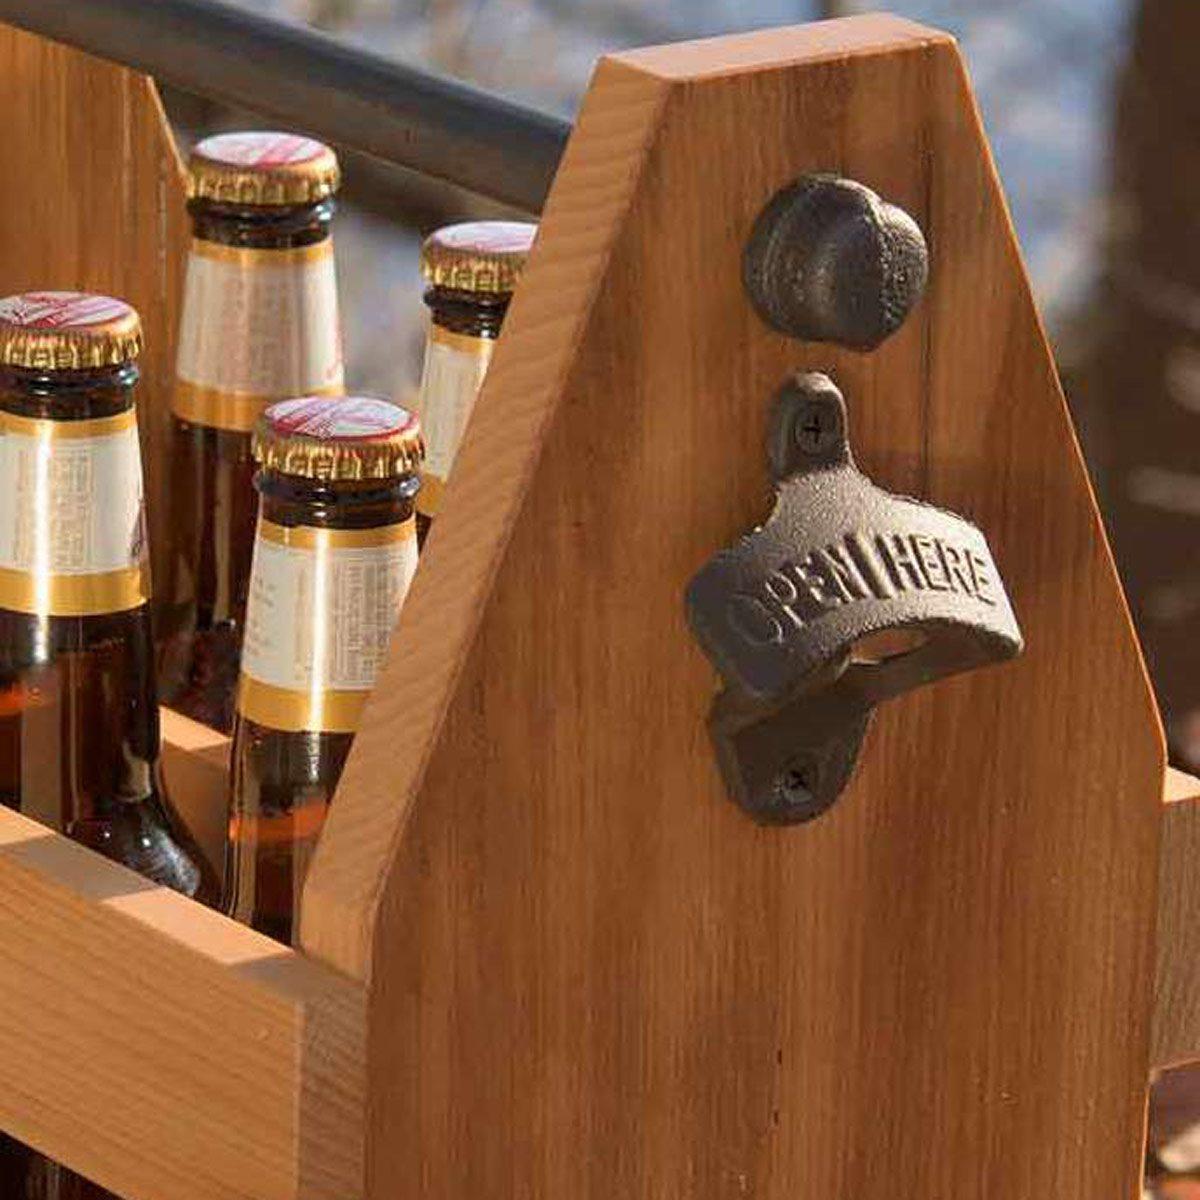 46-1-hm beer caddy bottle opener